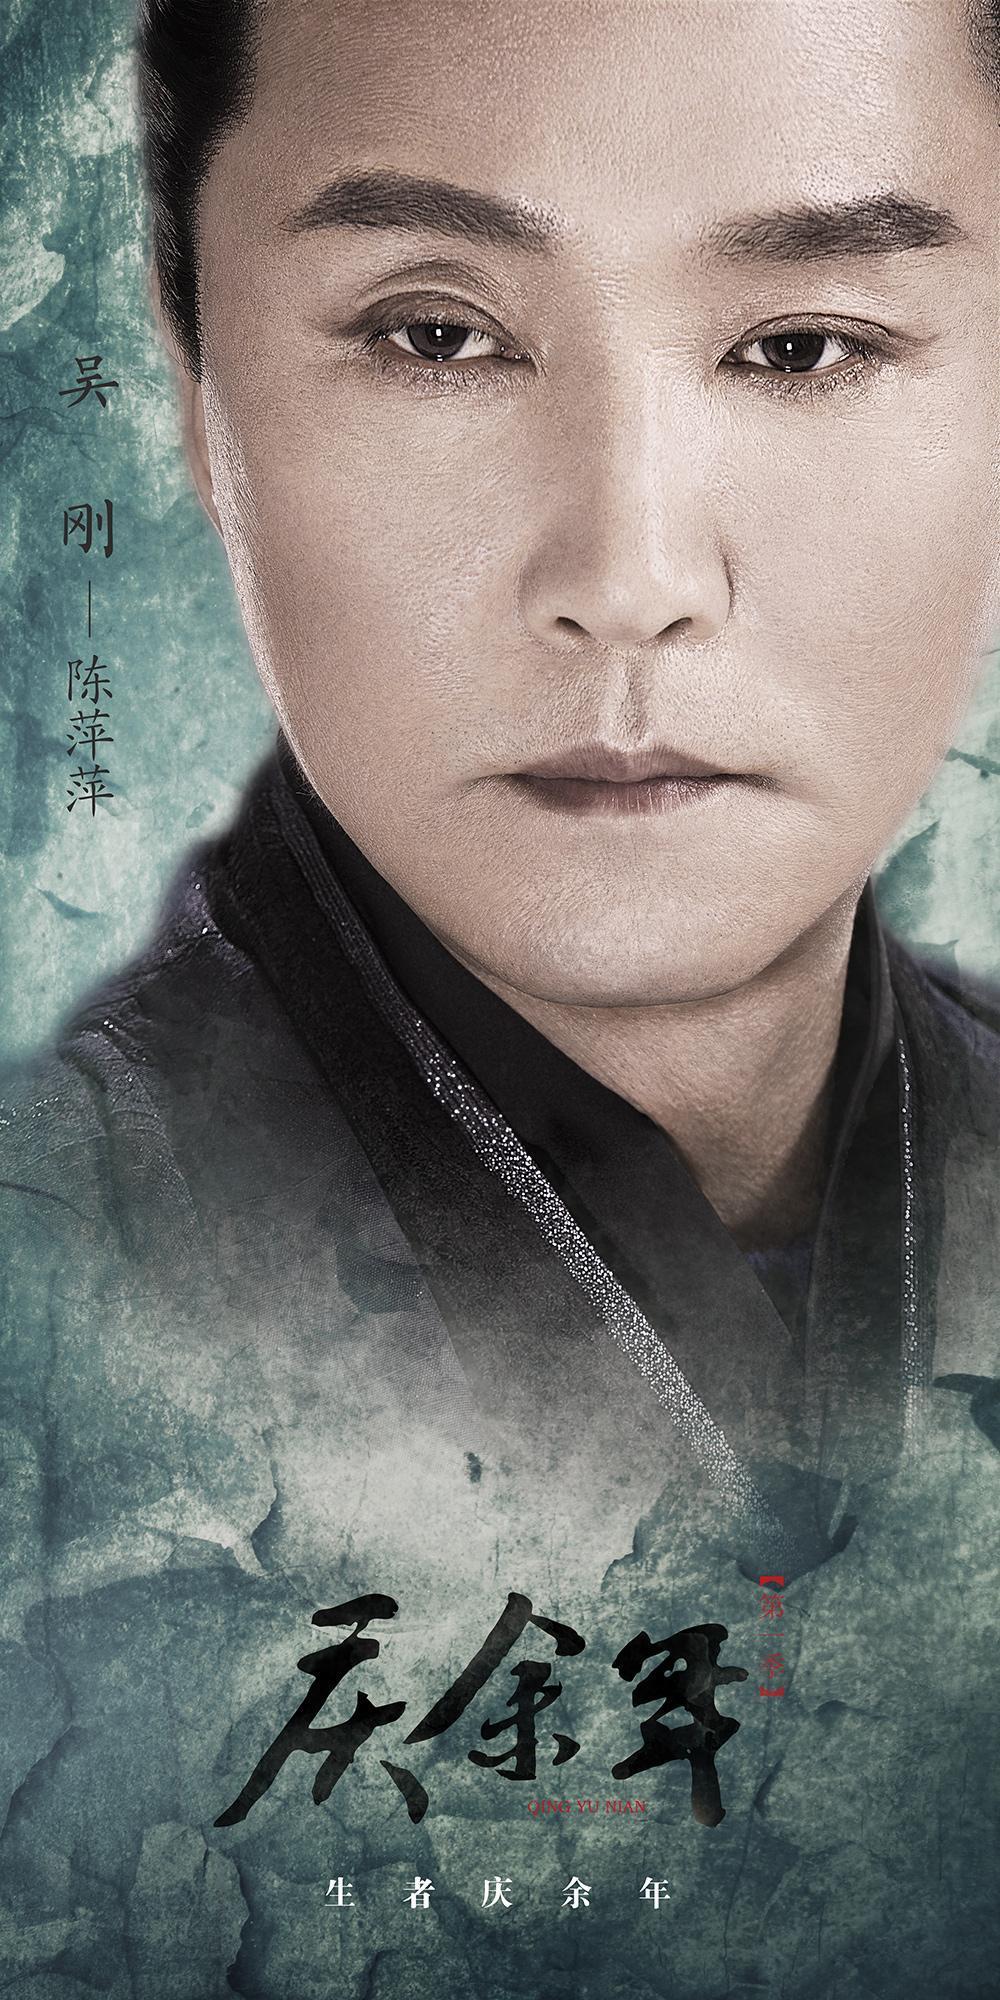 原著中的女主角林婉儿由气质小花李沁饰演,其凭借《白鹿原》中倔强又图片